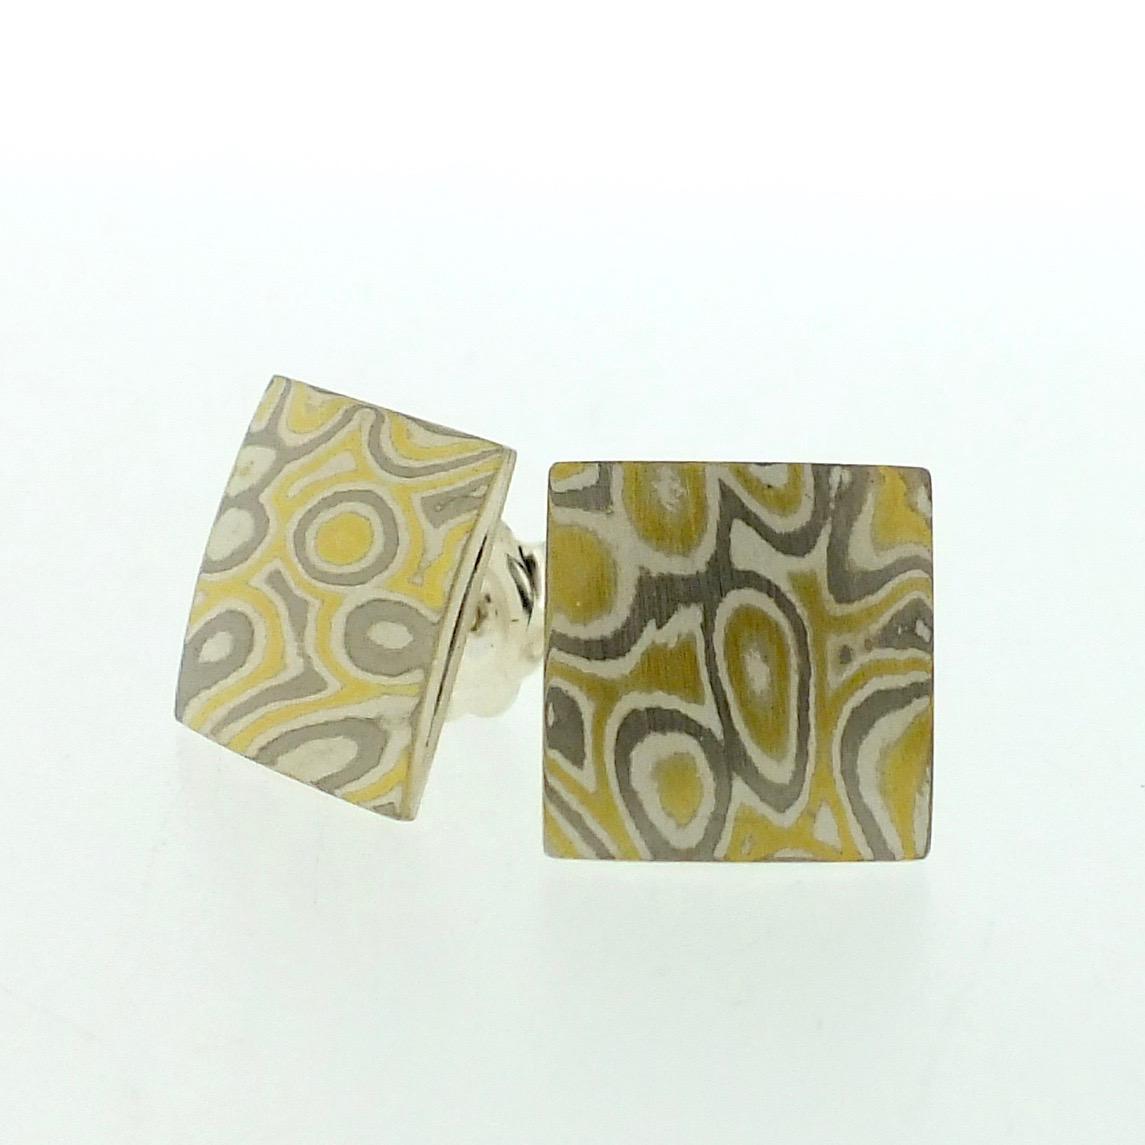 22k gold, 18k white gold and silver mokume gane small pillow stud earrings